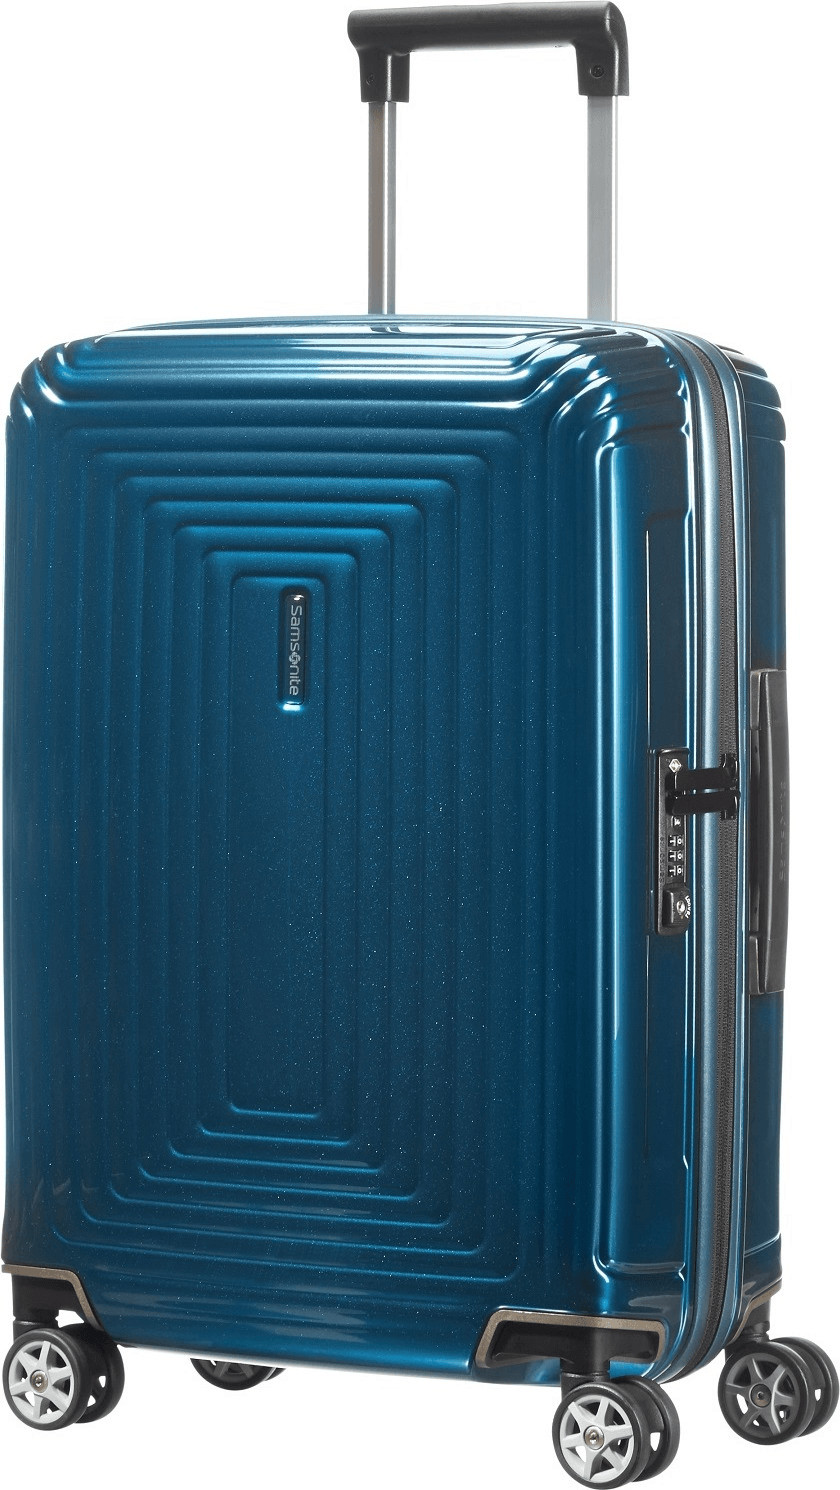 Samsonite Neopulse Spinner 55 cm metallic blue (65752)